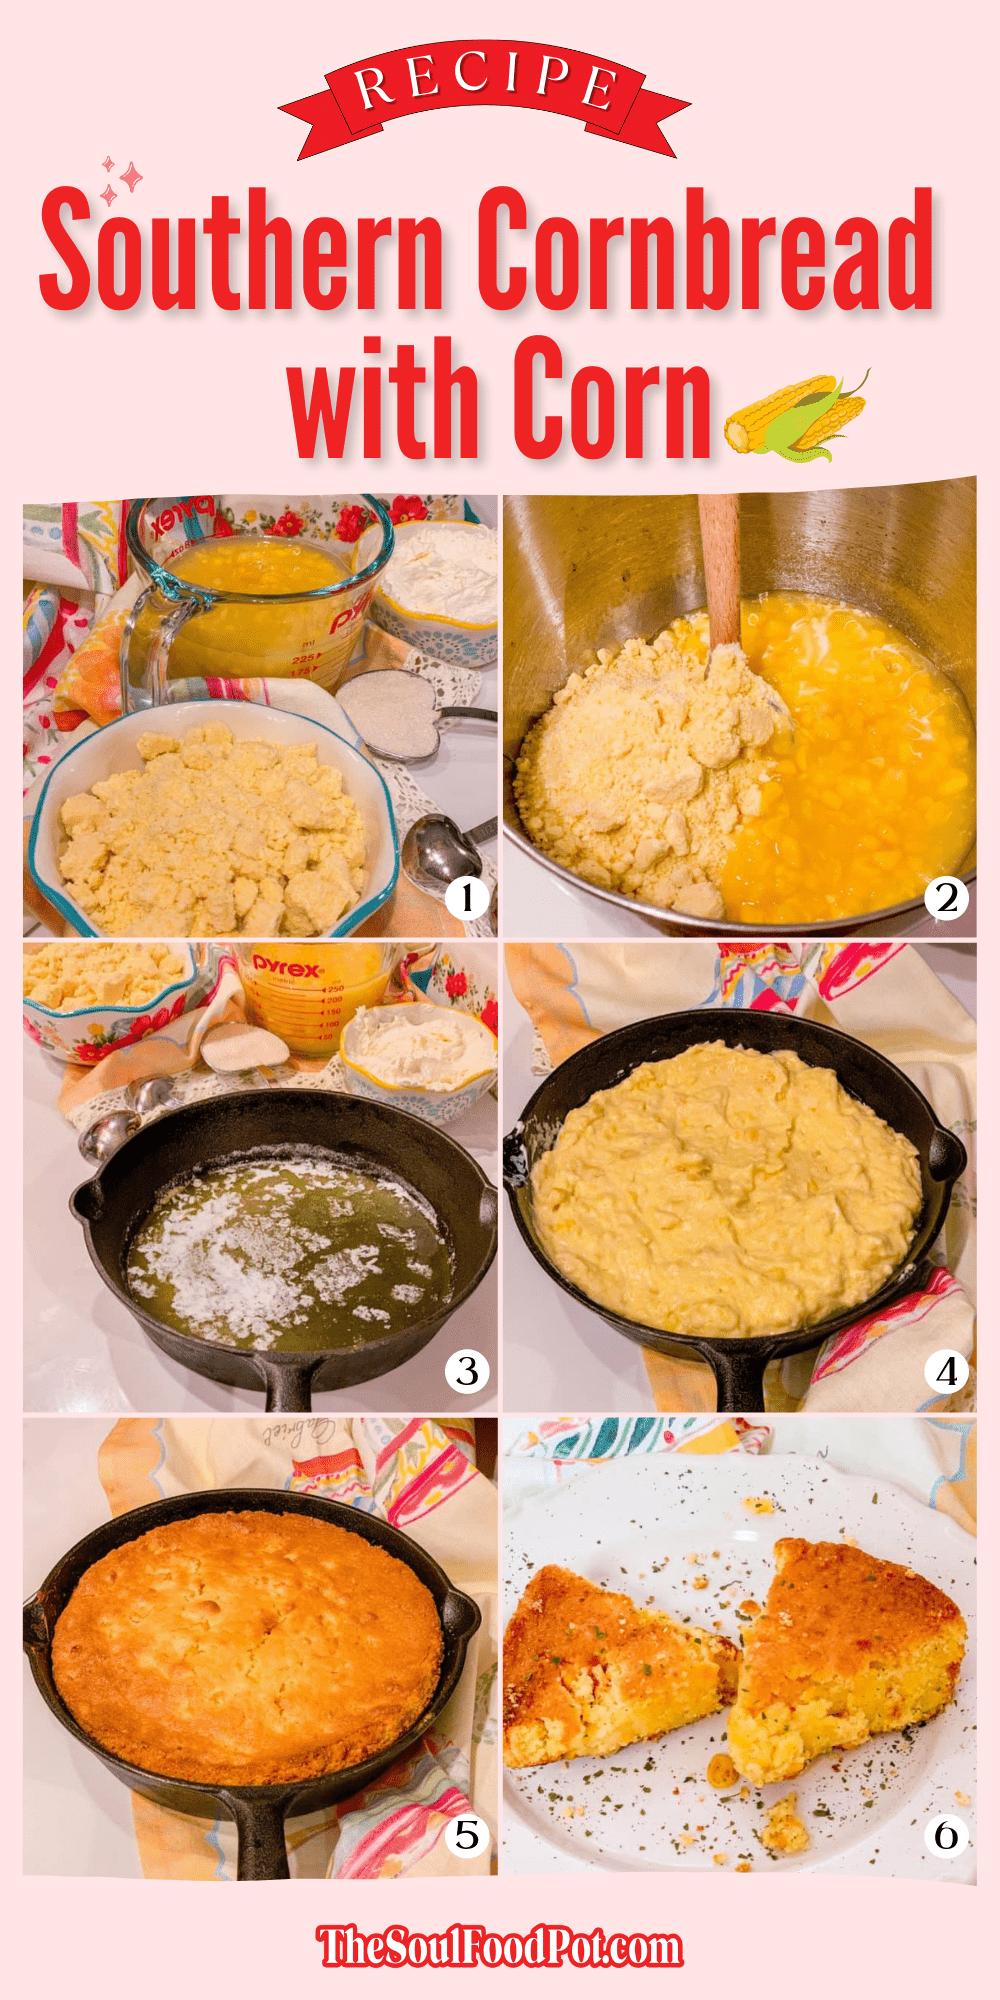 Southern Cornbread Recipe With Corn